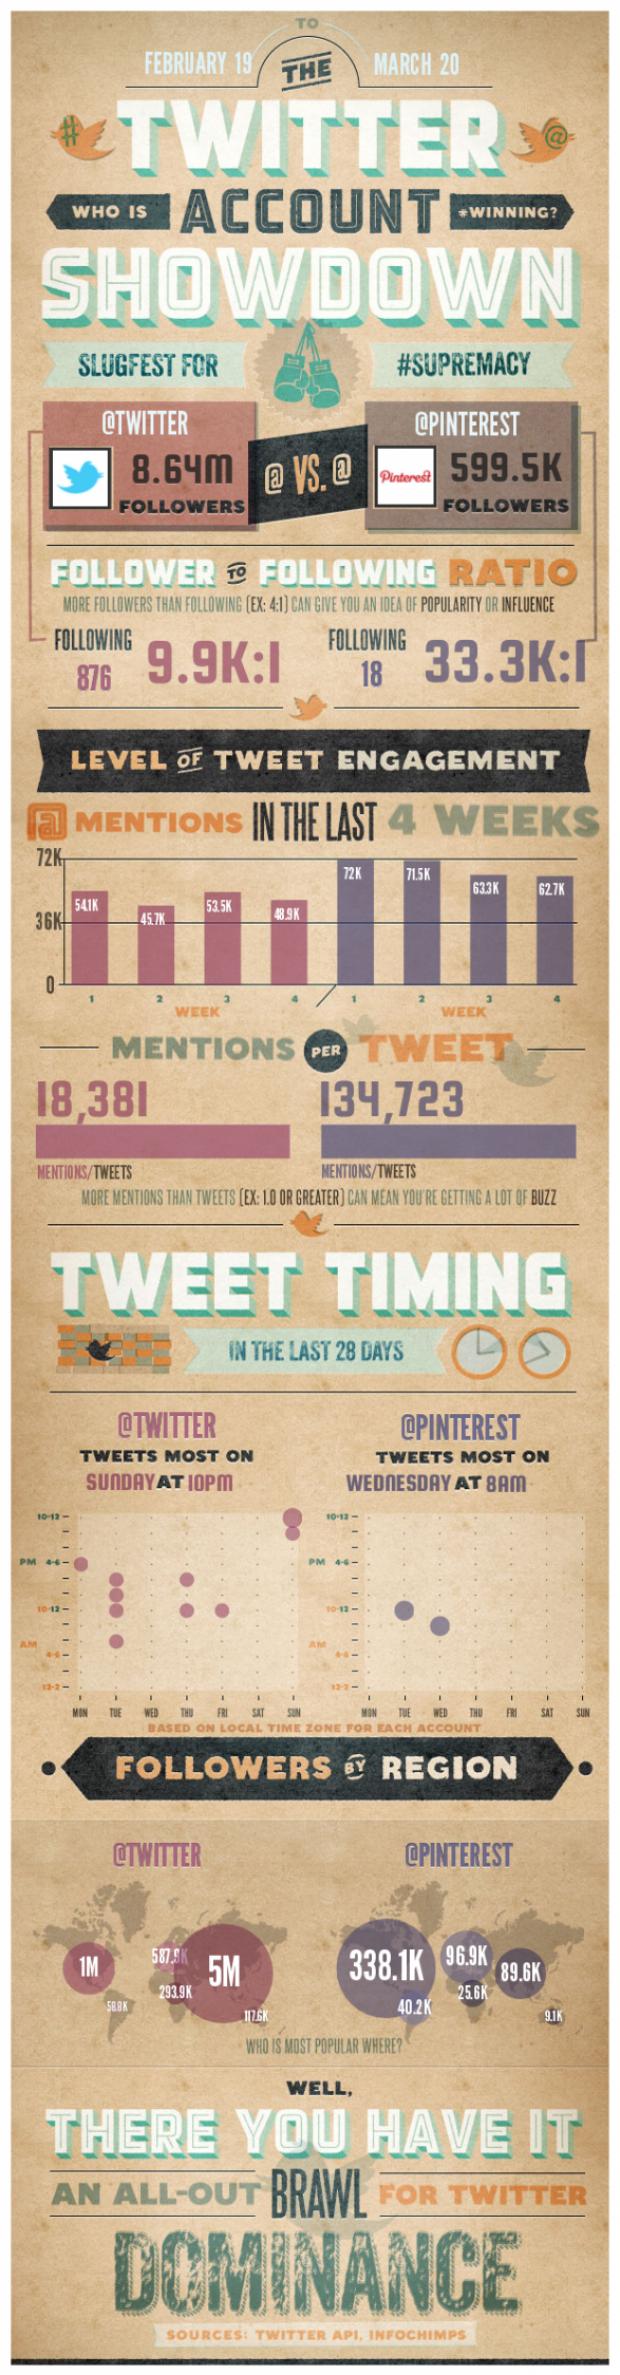 Twitter Versus Pinterest [Infographic]